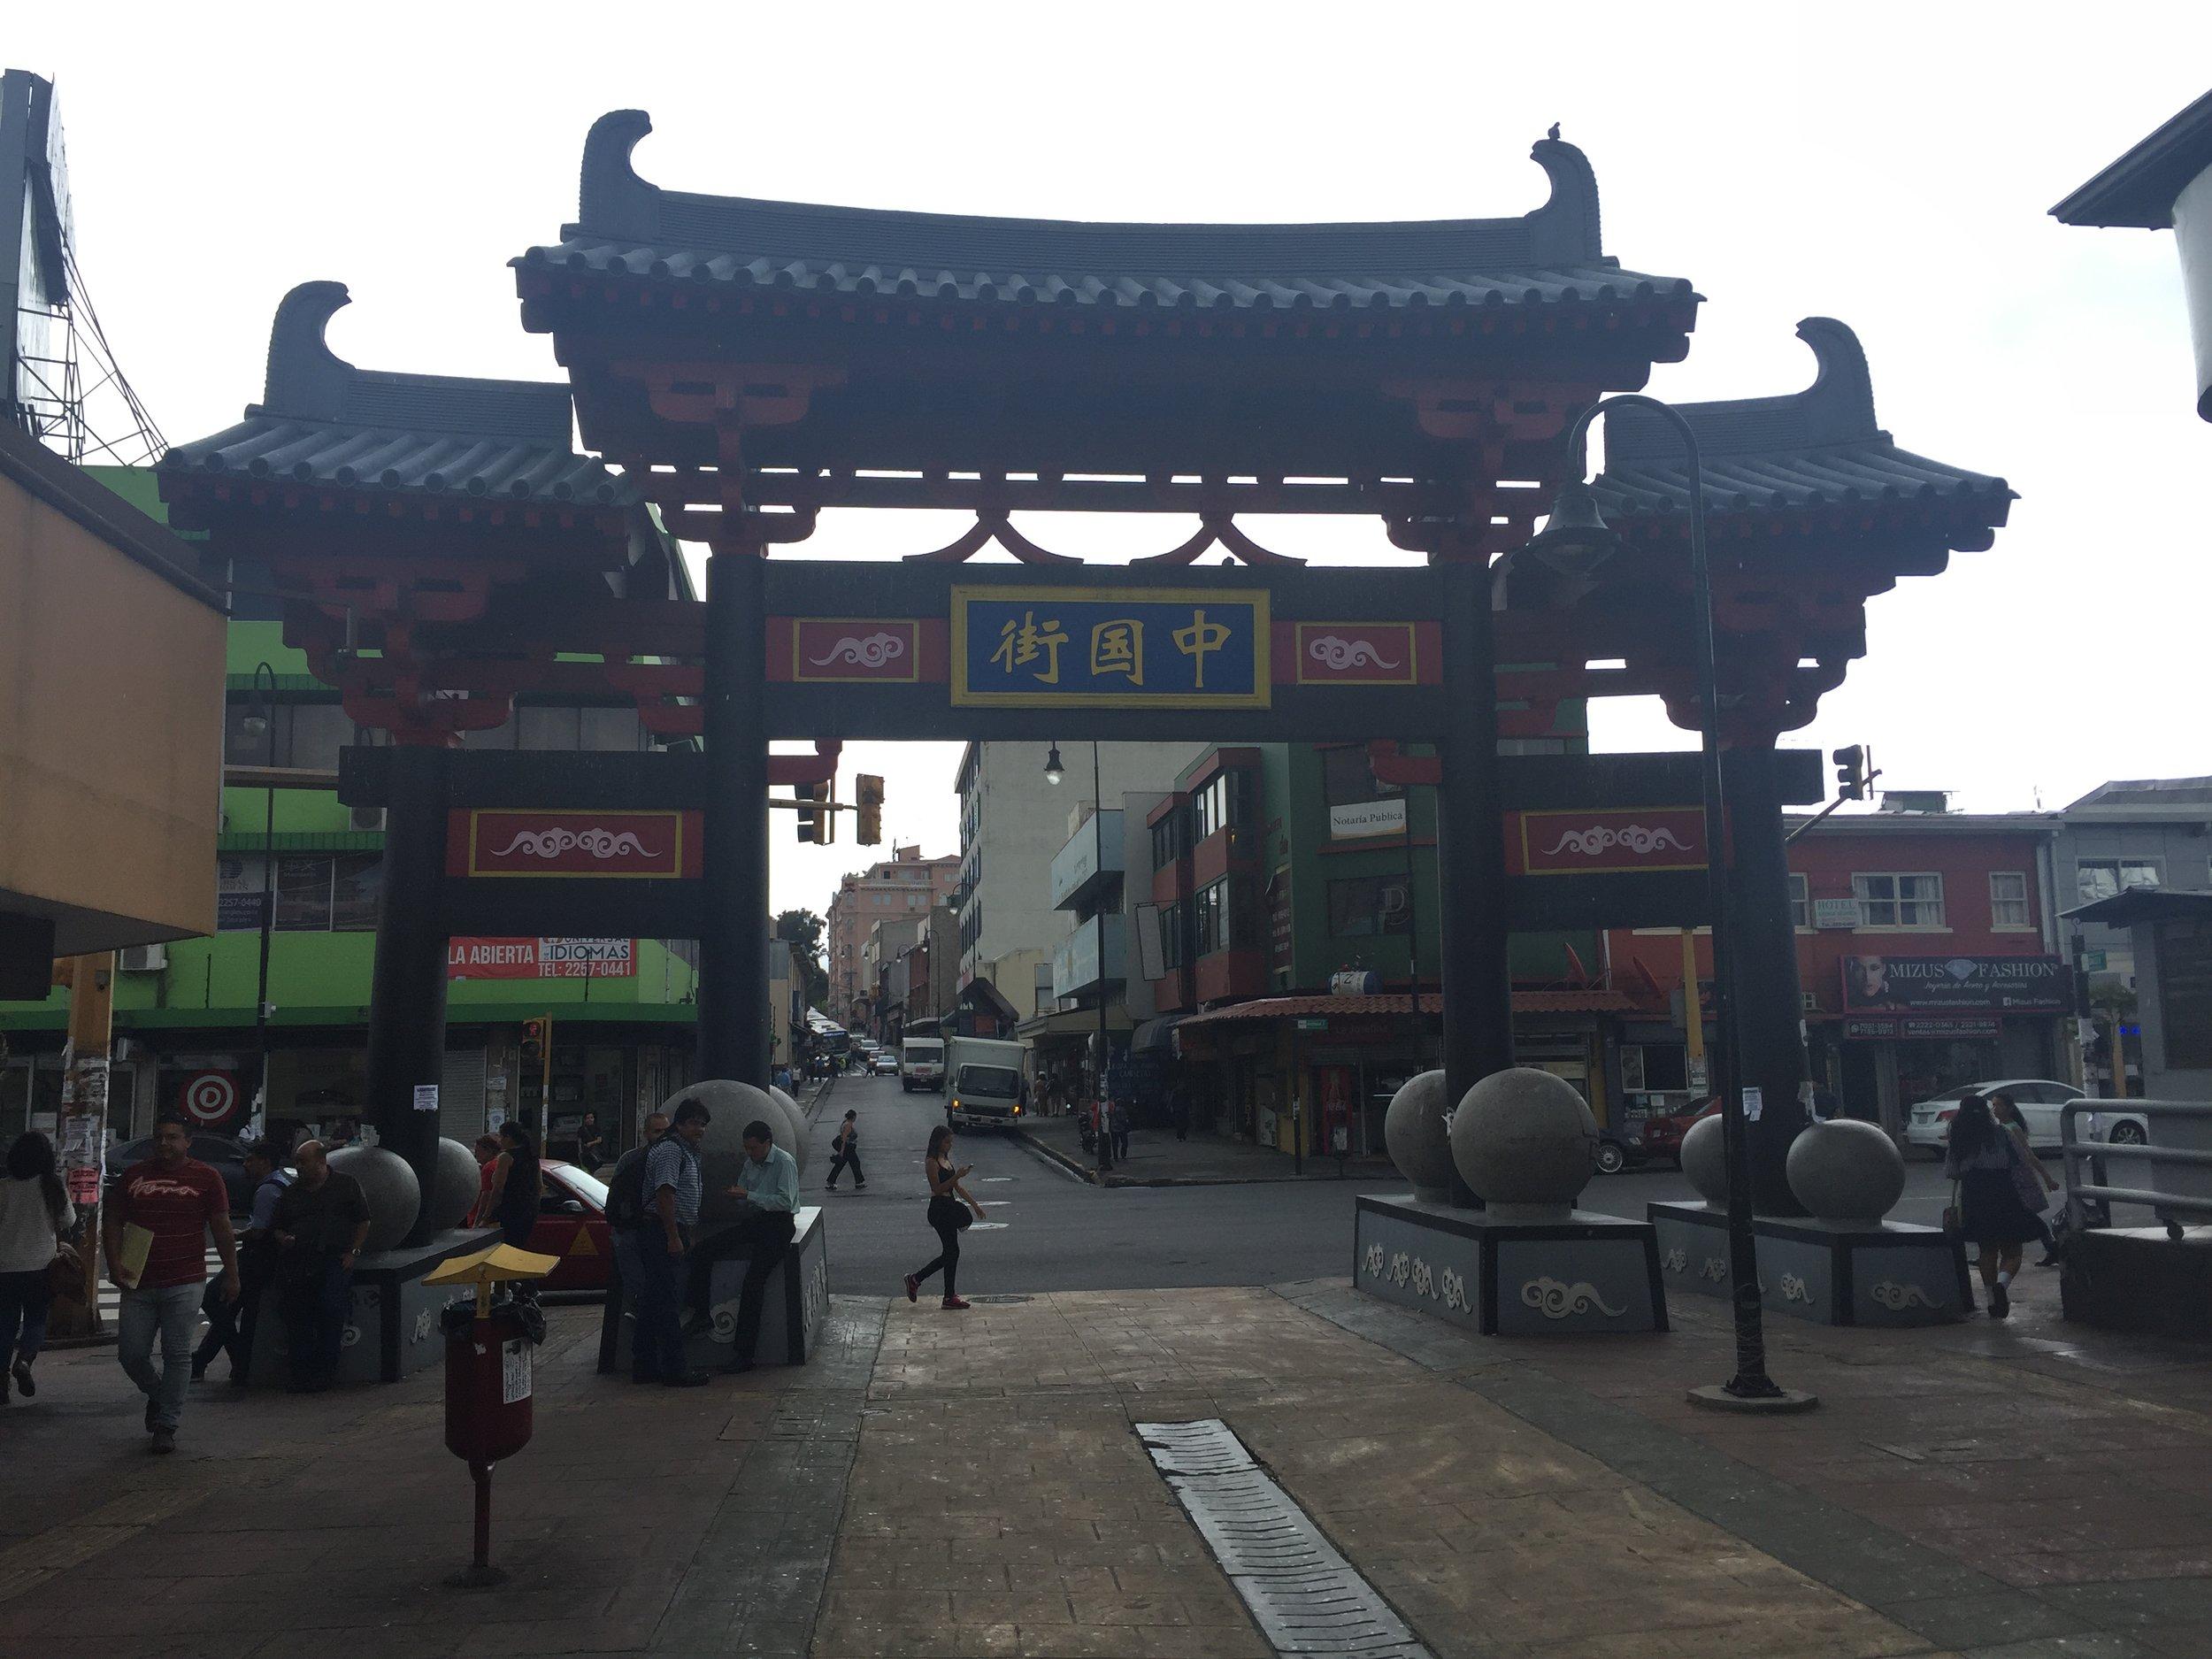 الحي الصيني في سان خوسيه